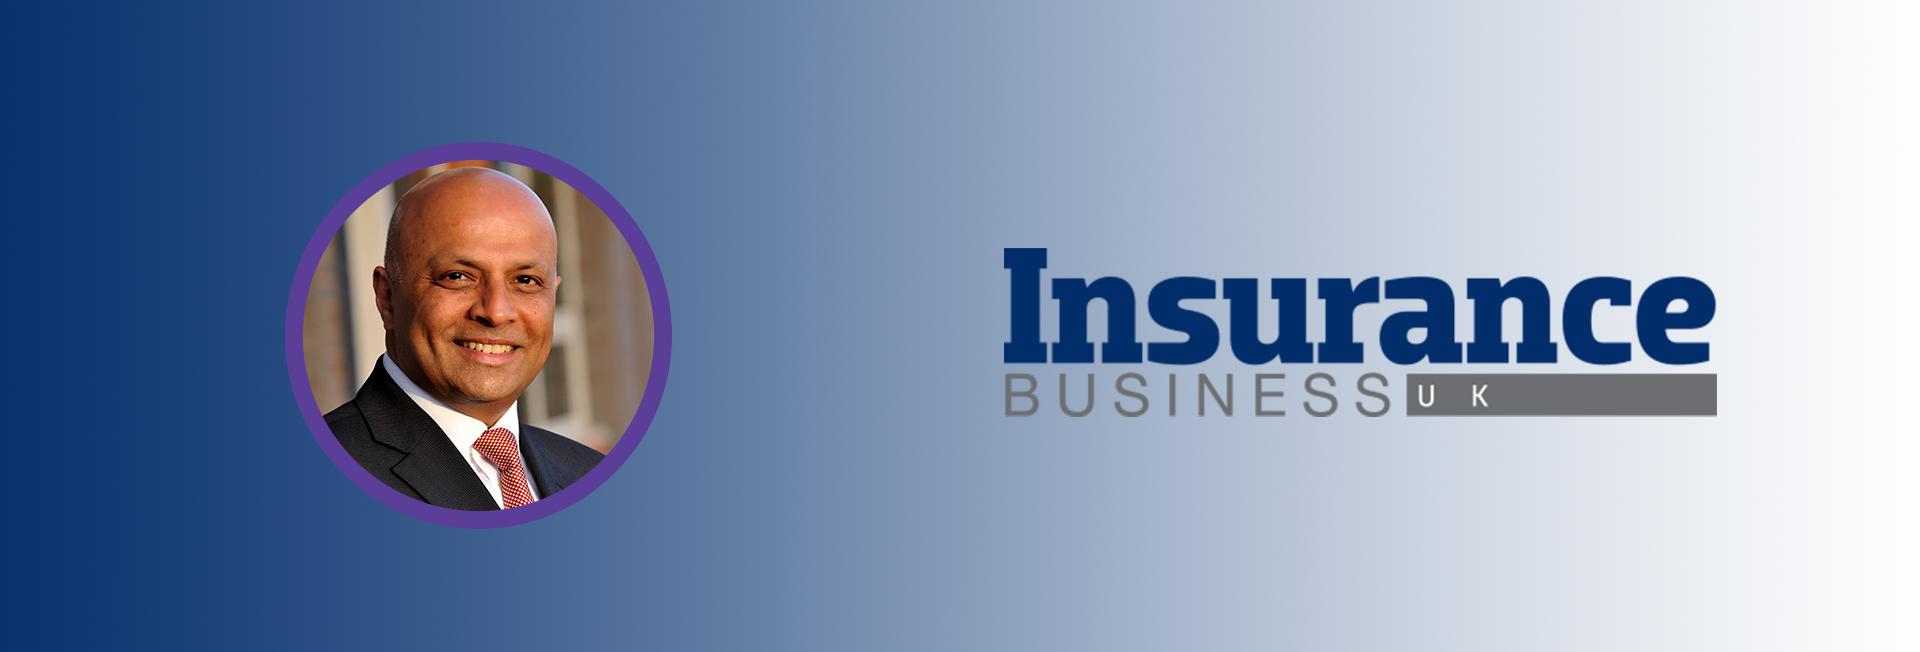 Ashwin Insurance Business UK